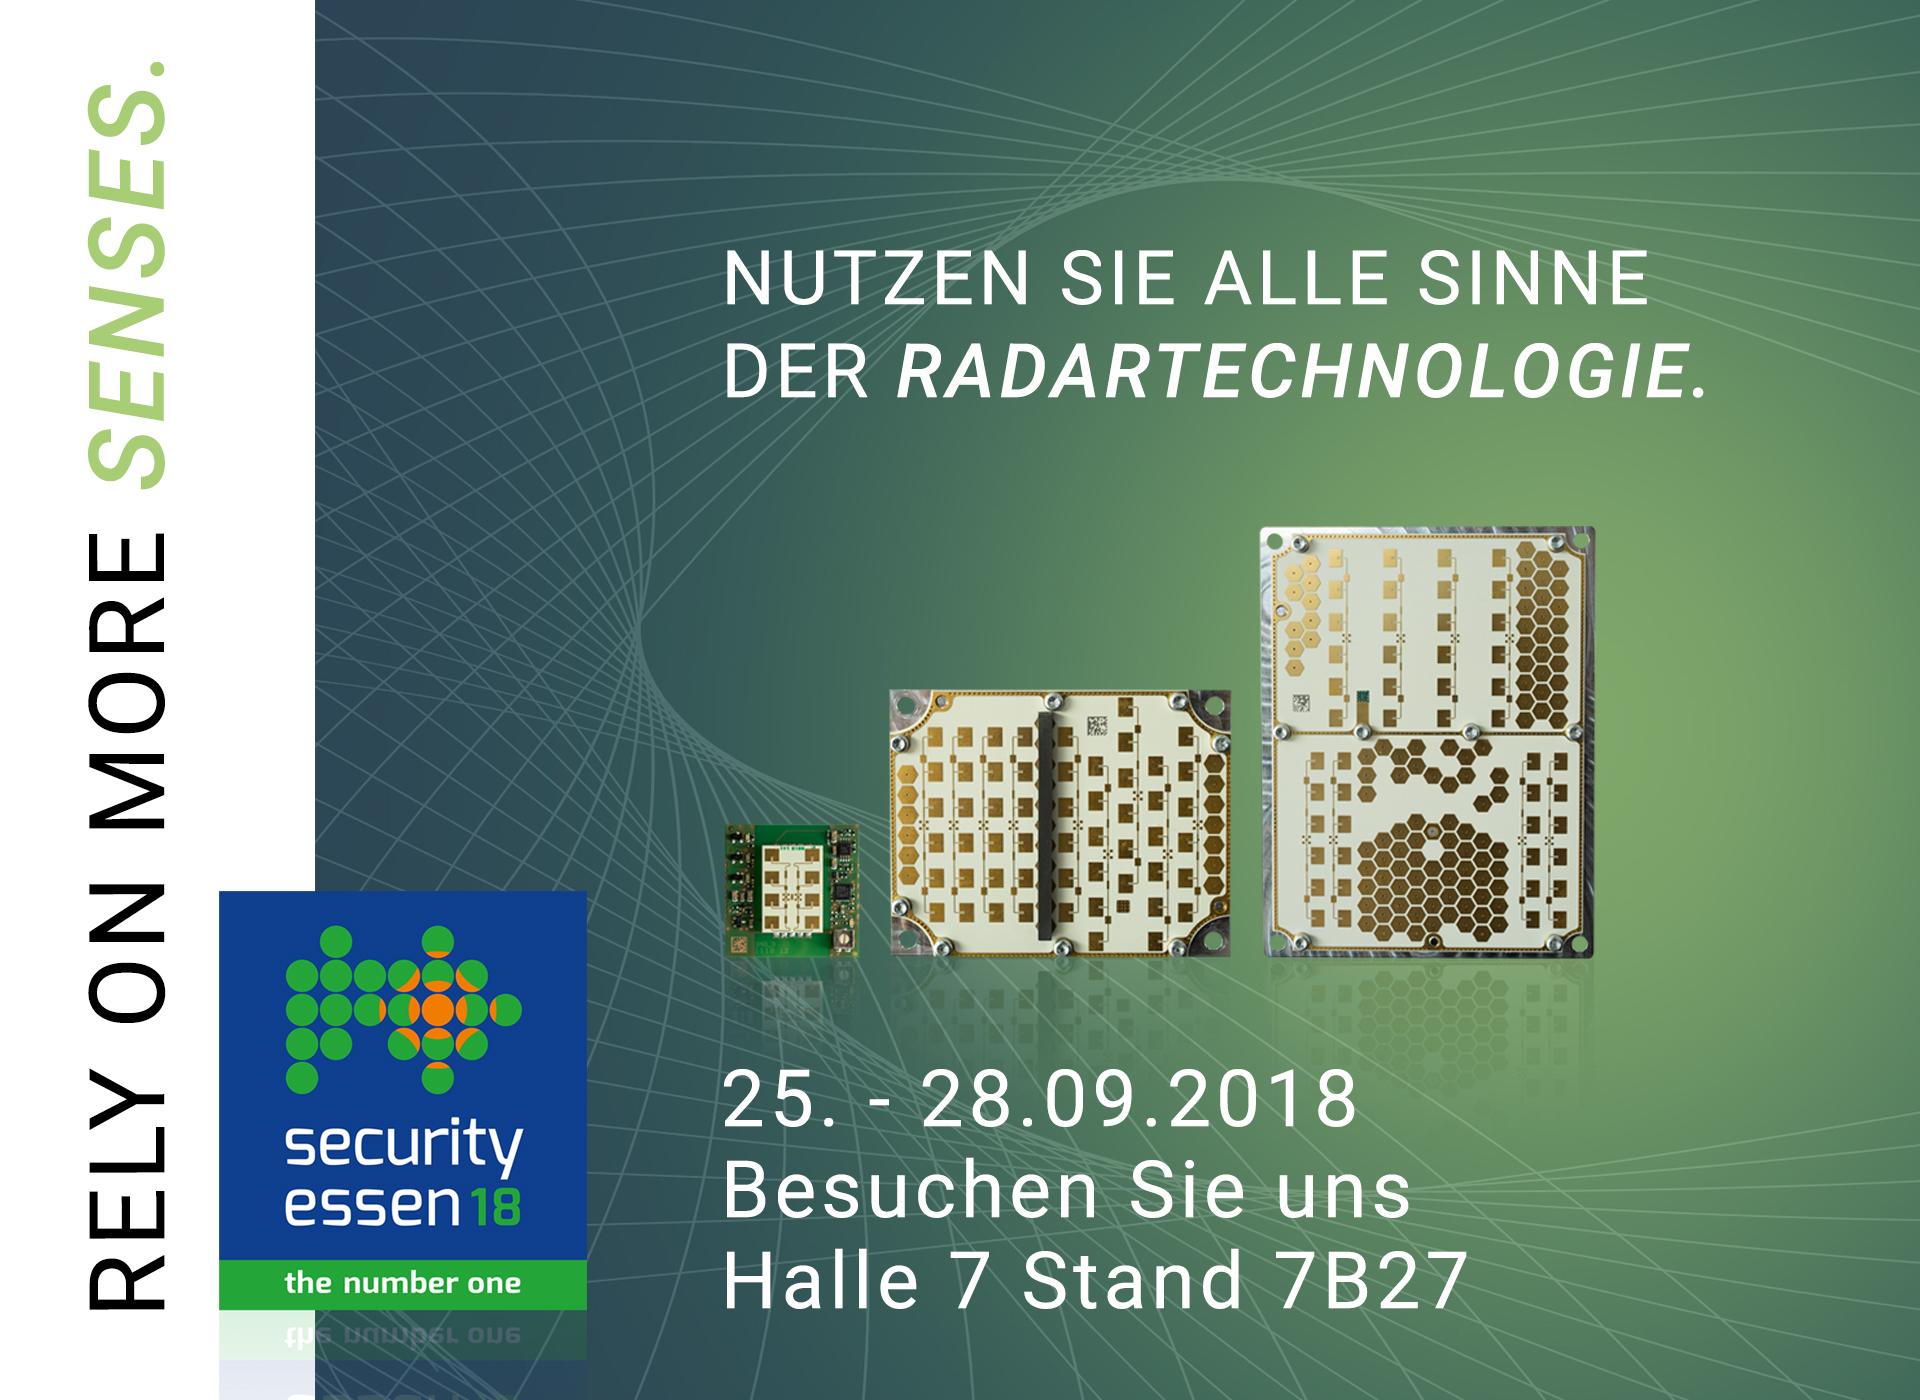 InnoSenT auf der Security 2018 in Essen